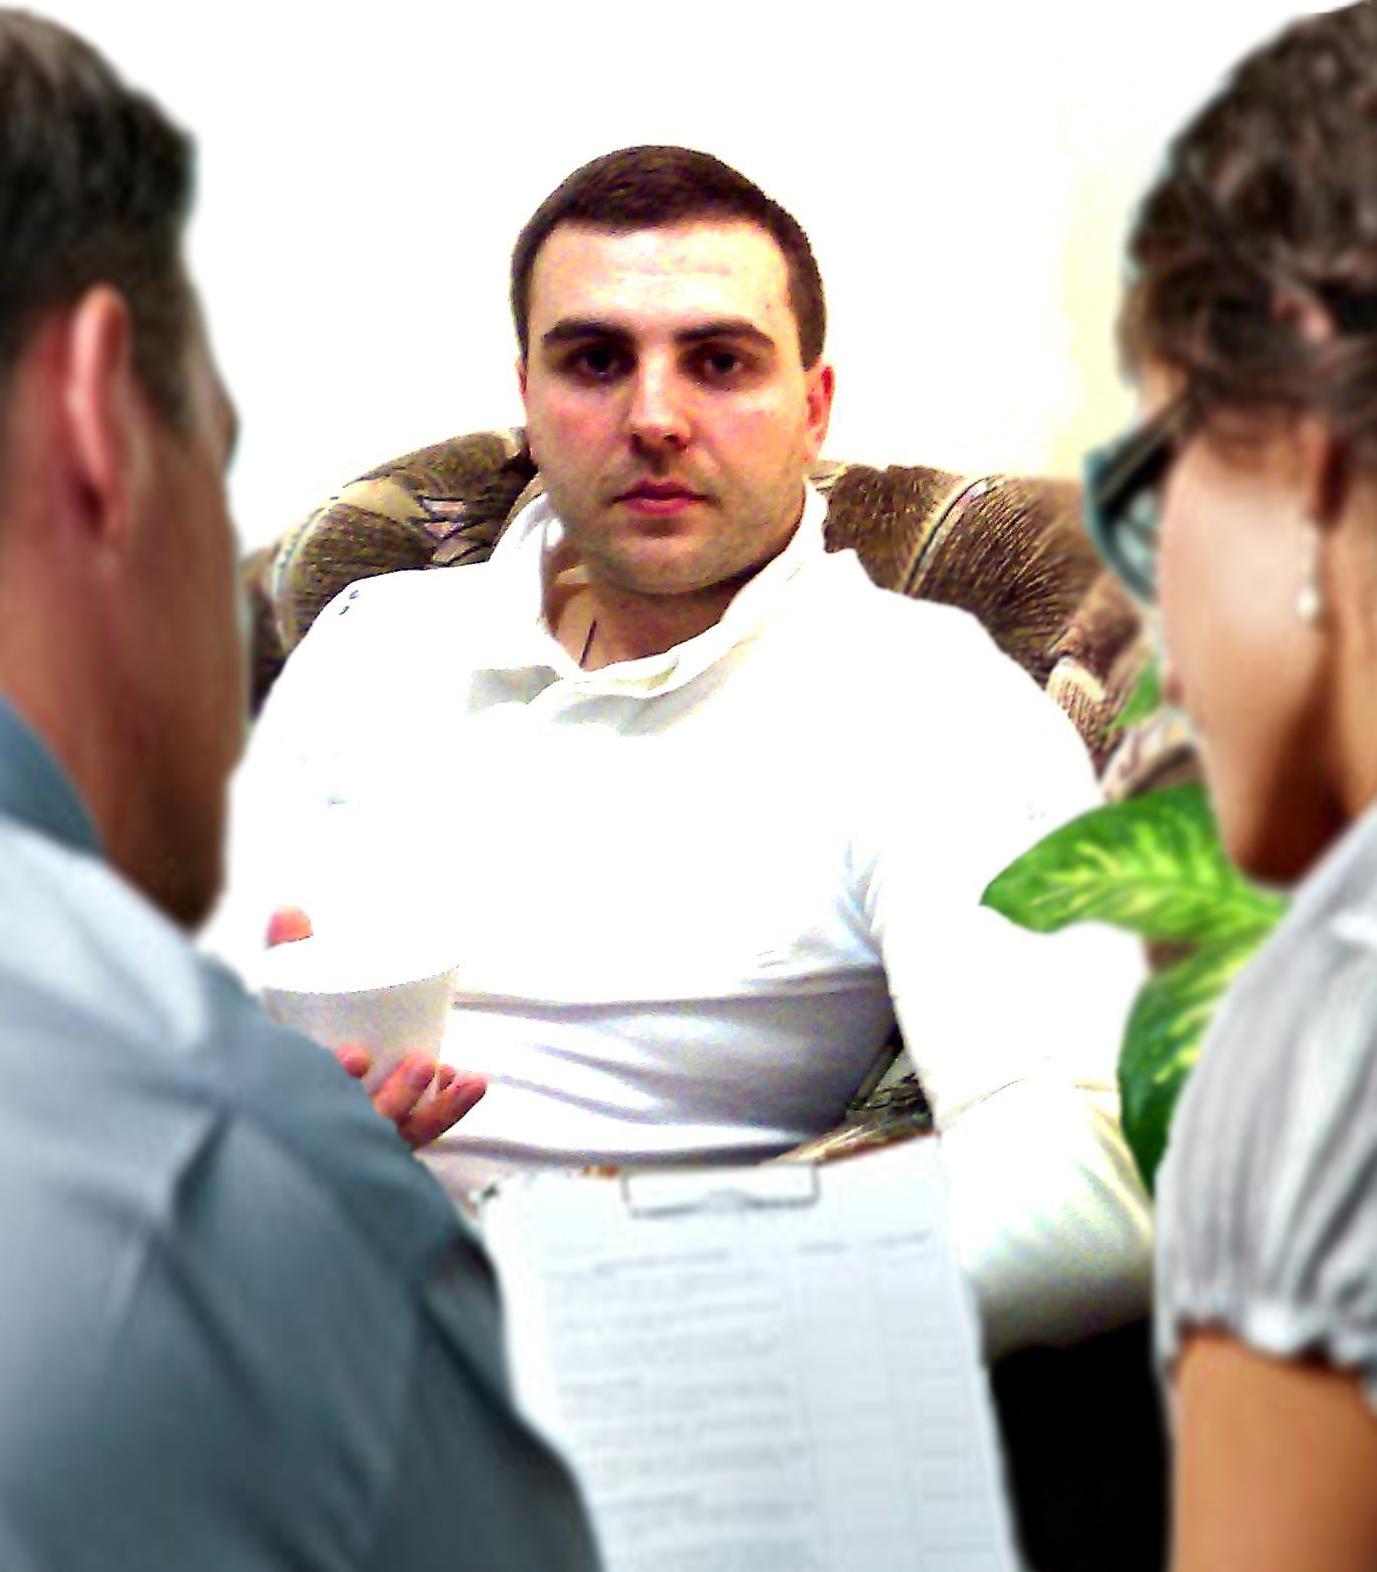 uslugi-psihologa-kiev_konsultacija-psihologa